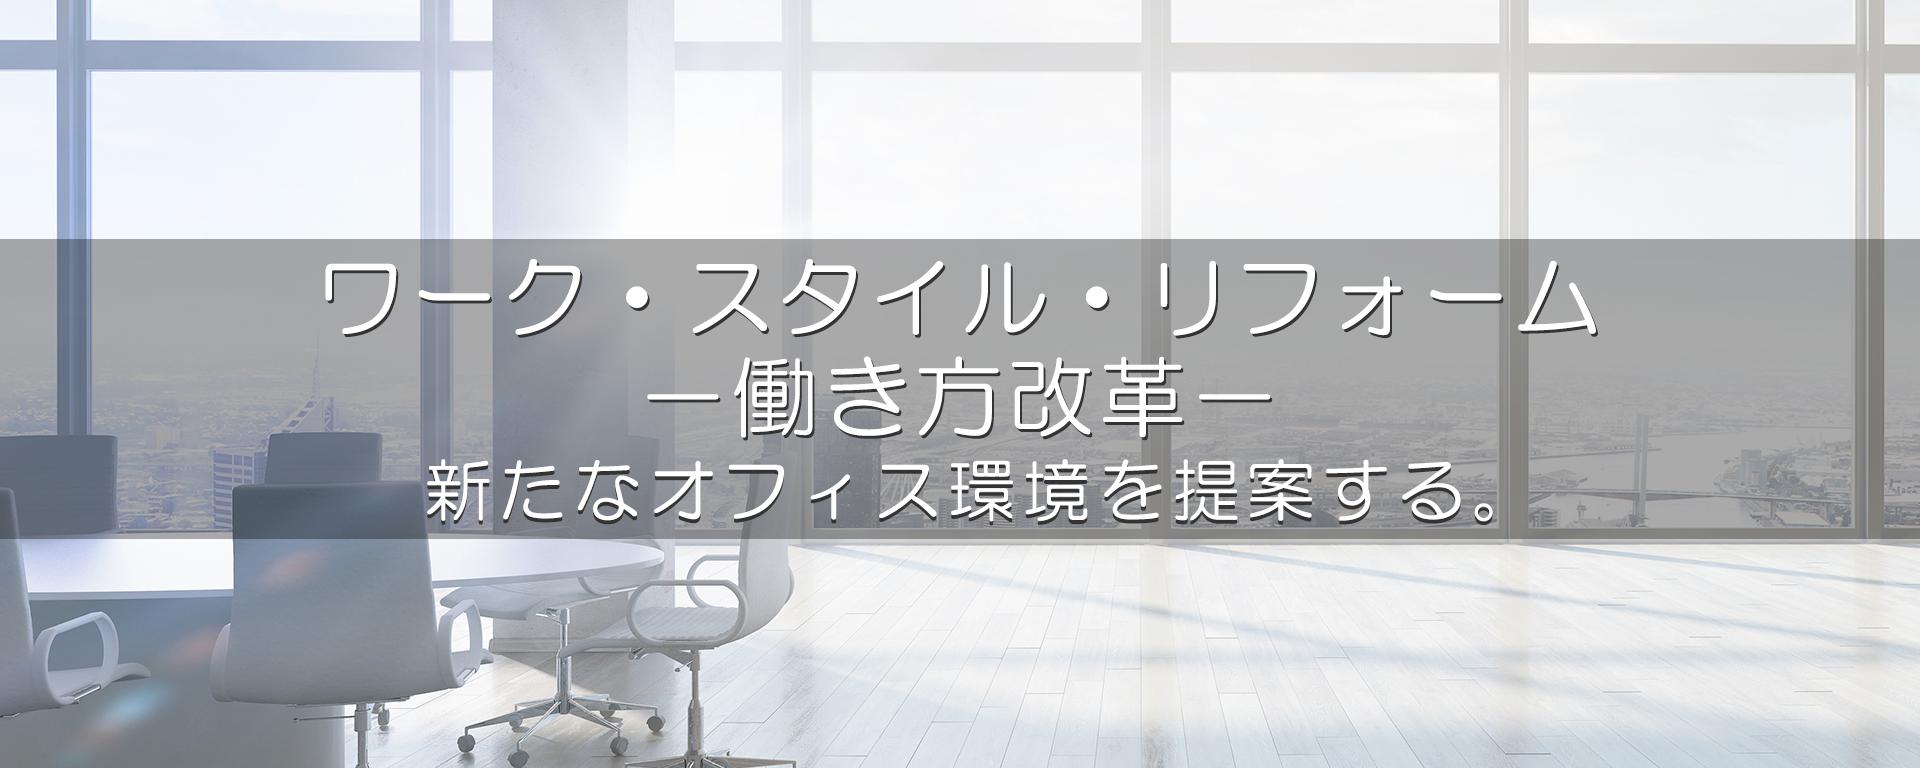 ワーク・スタイル・リフォーム-働き方改革- 新たなオフィス環境を提案する。